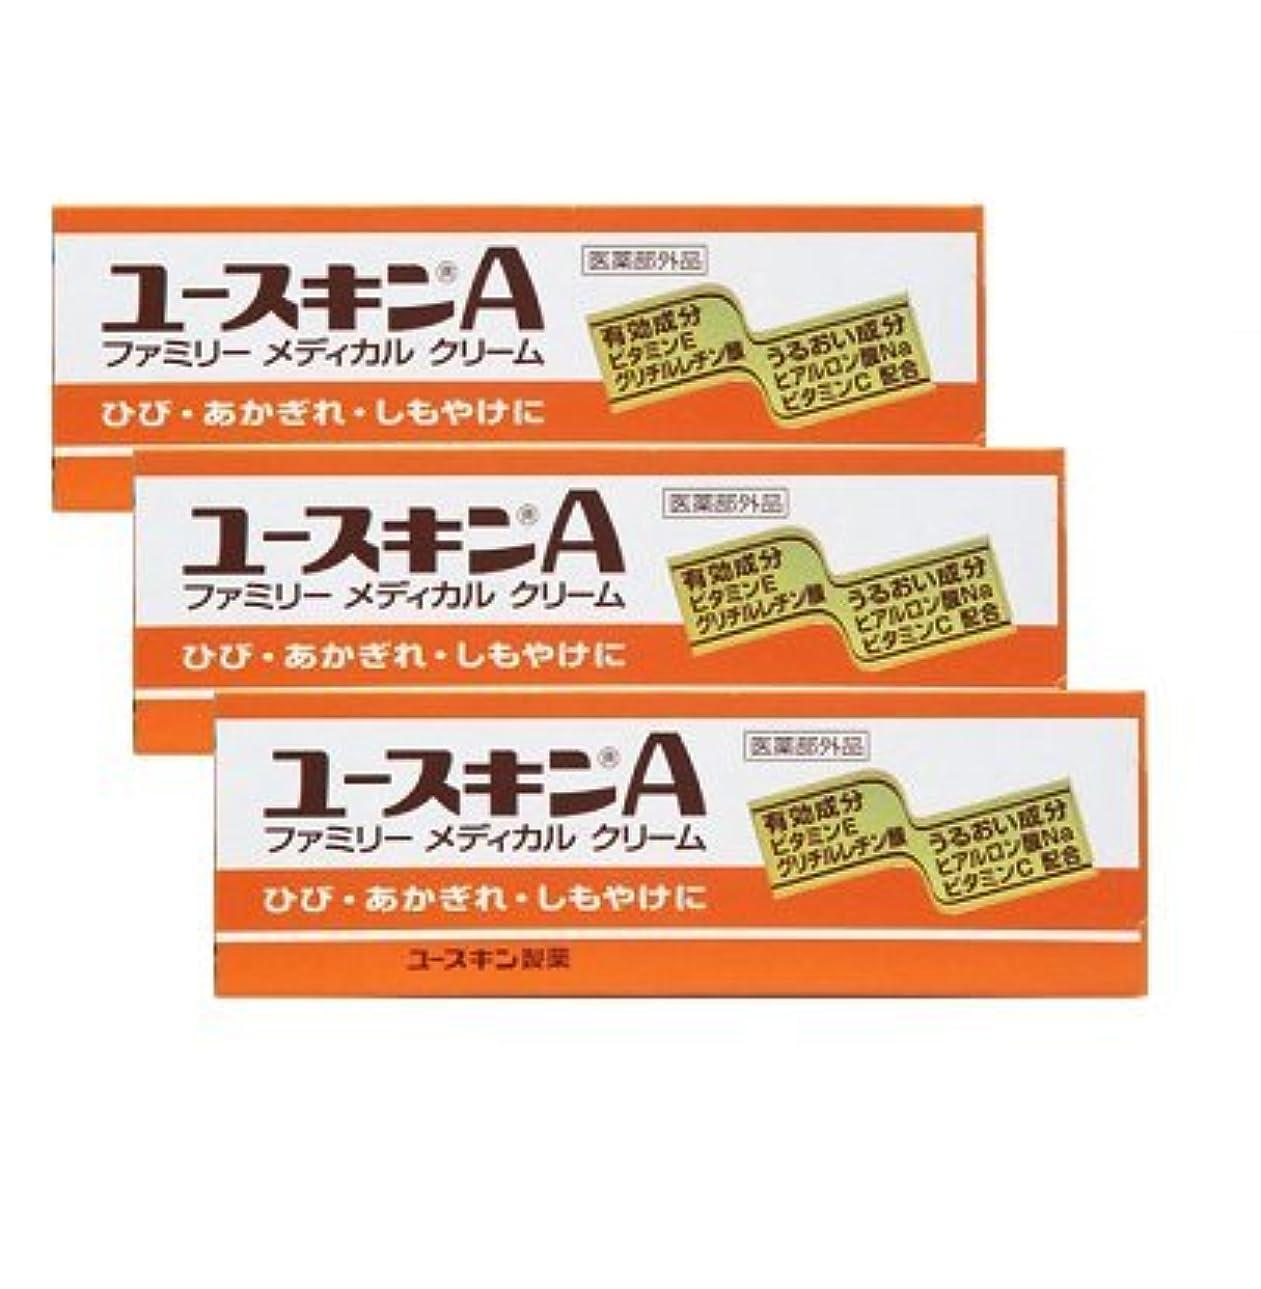 シェア比類なきキルス【指定医薬部外品】ユースキンAチューブ 30g【3個セット】